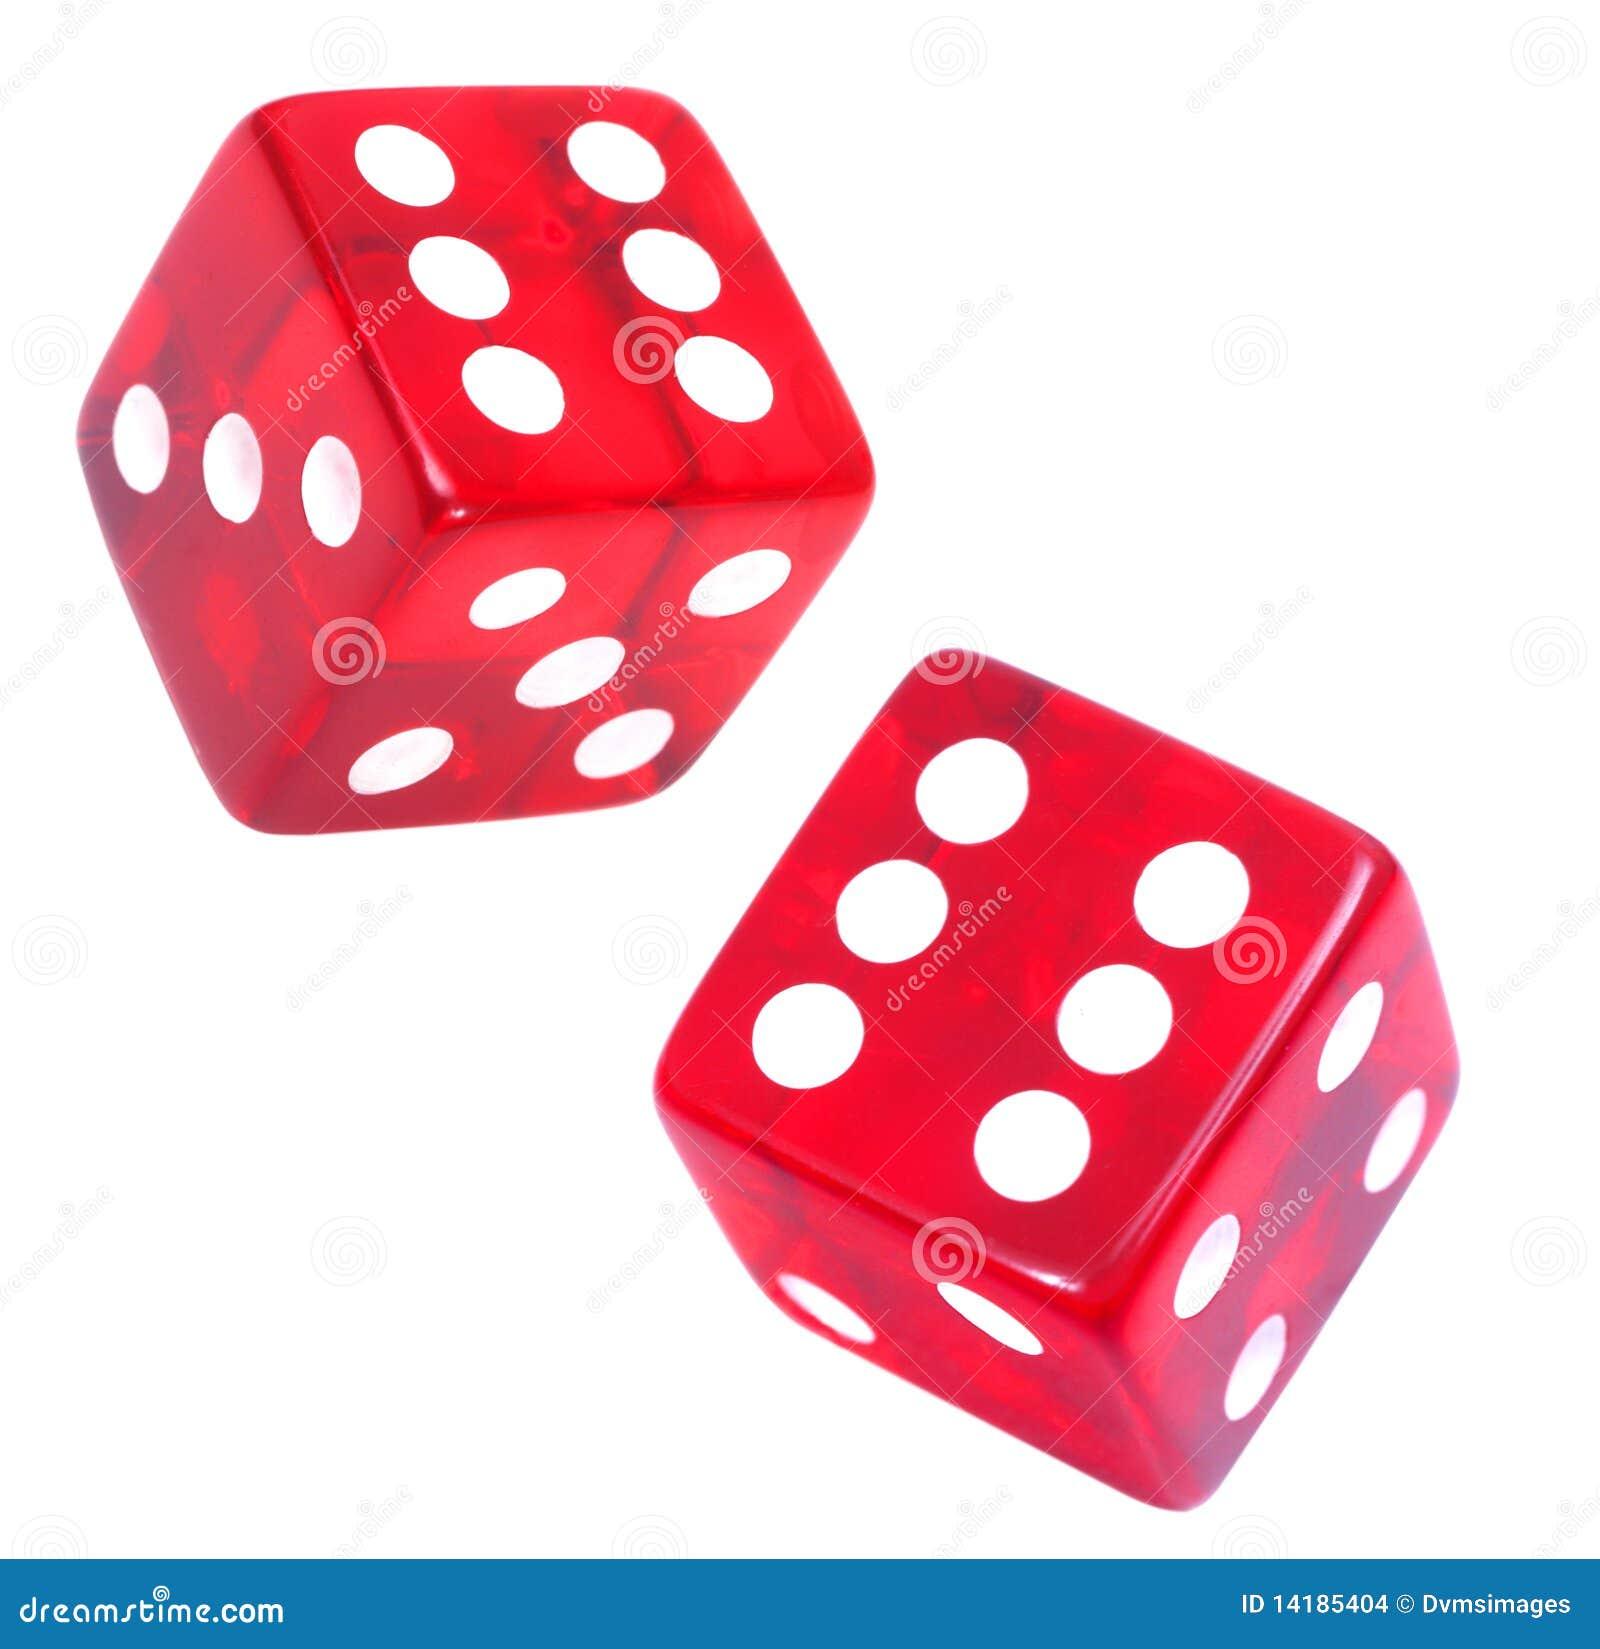 Juego de azar en Gameduell mesa de dados casino-562465